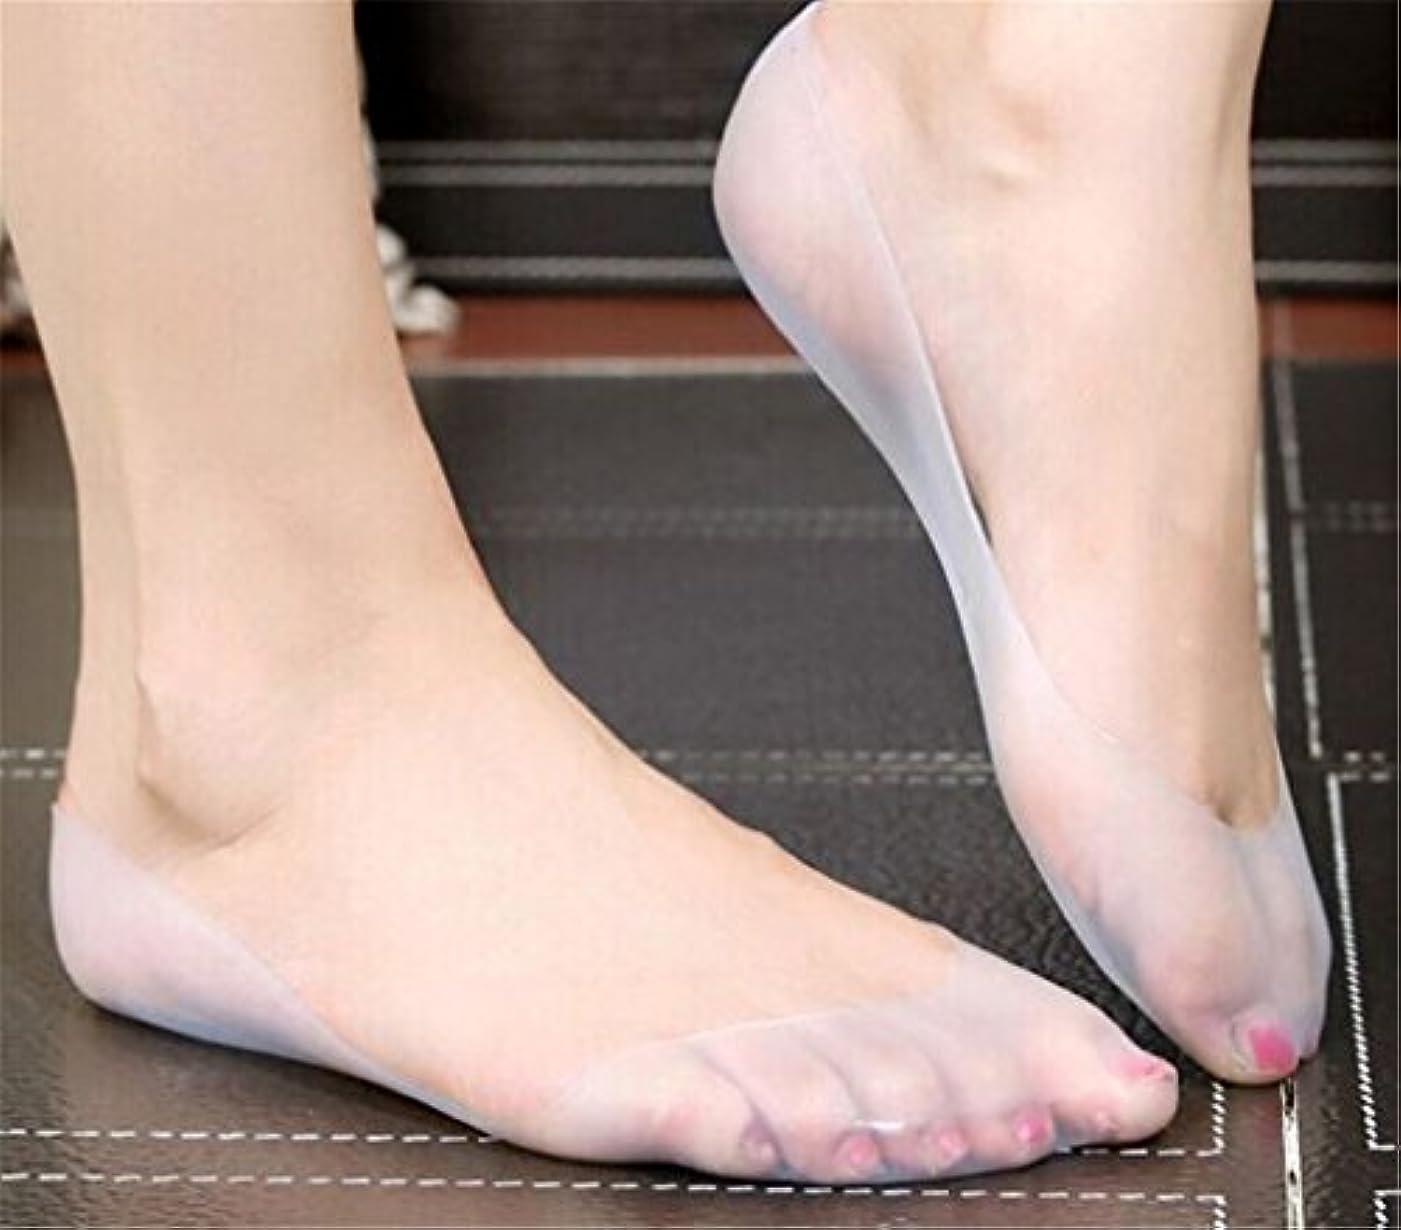 苦しみ副ディーラーchiwanji 靴下 ソックス シリコーンゲル 保湿靴下 フットケア 皮膚保護 プロテクター 再利用可能 空気乾燥